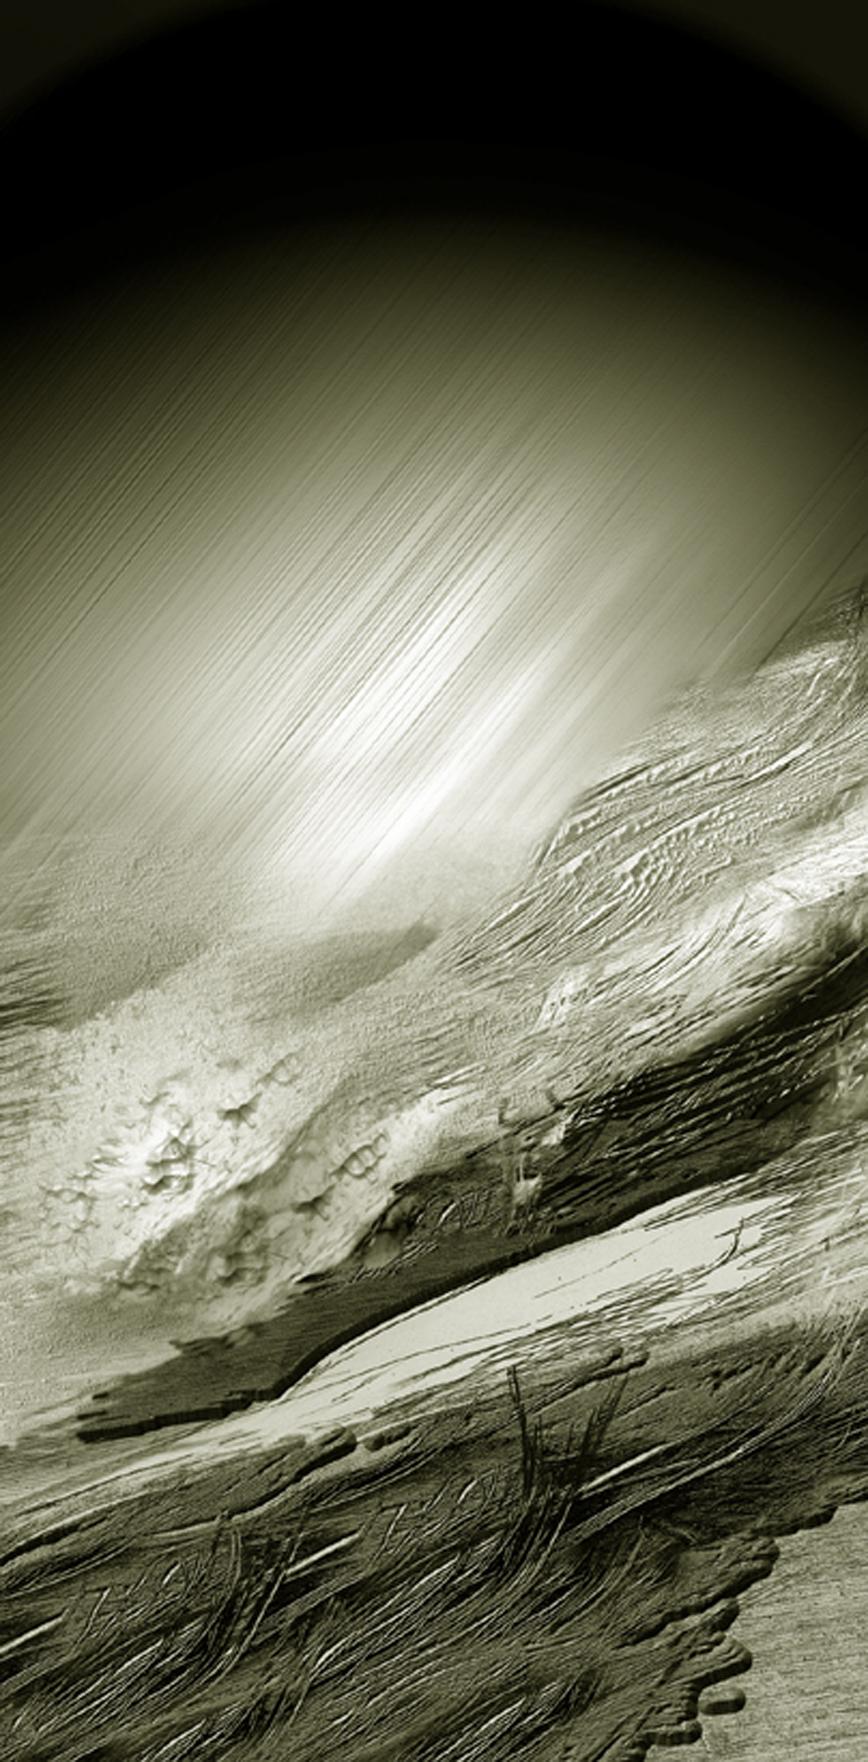 Góry 13, Wschód czyli zimne swiatło, 80x38 cm, 2000.jpg